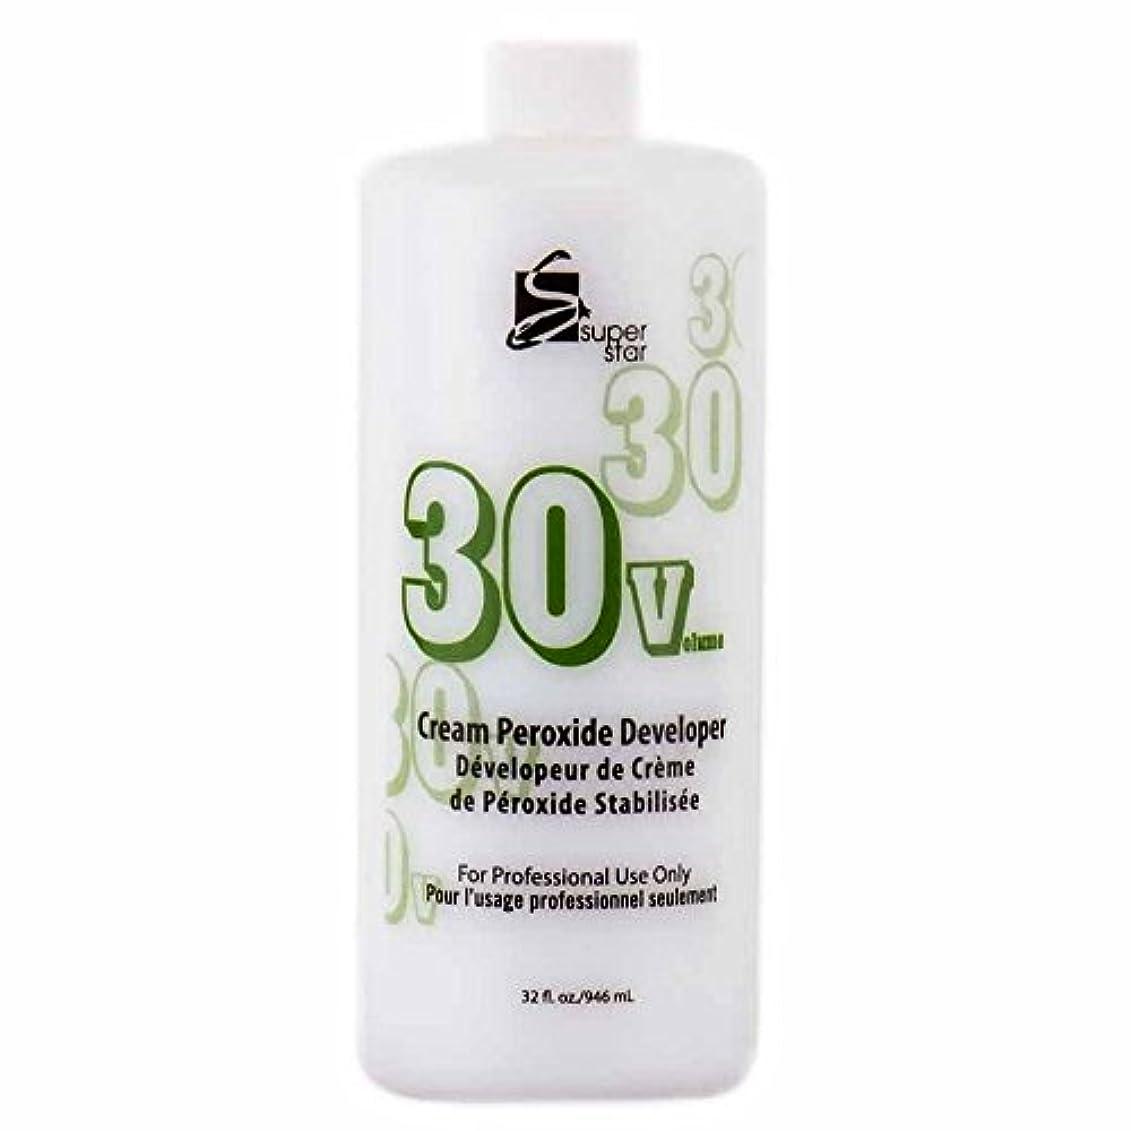 予約小康例外SUPER STAR Stabilized Cream Peroxide Developer 30V HC-50303 by Superstar